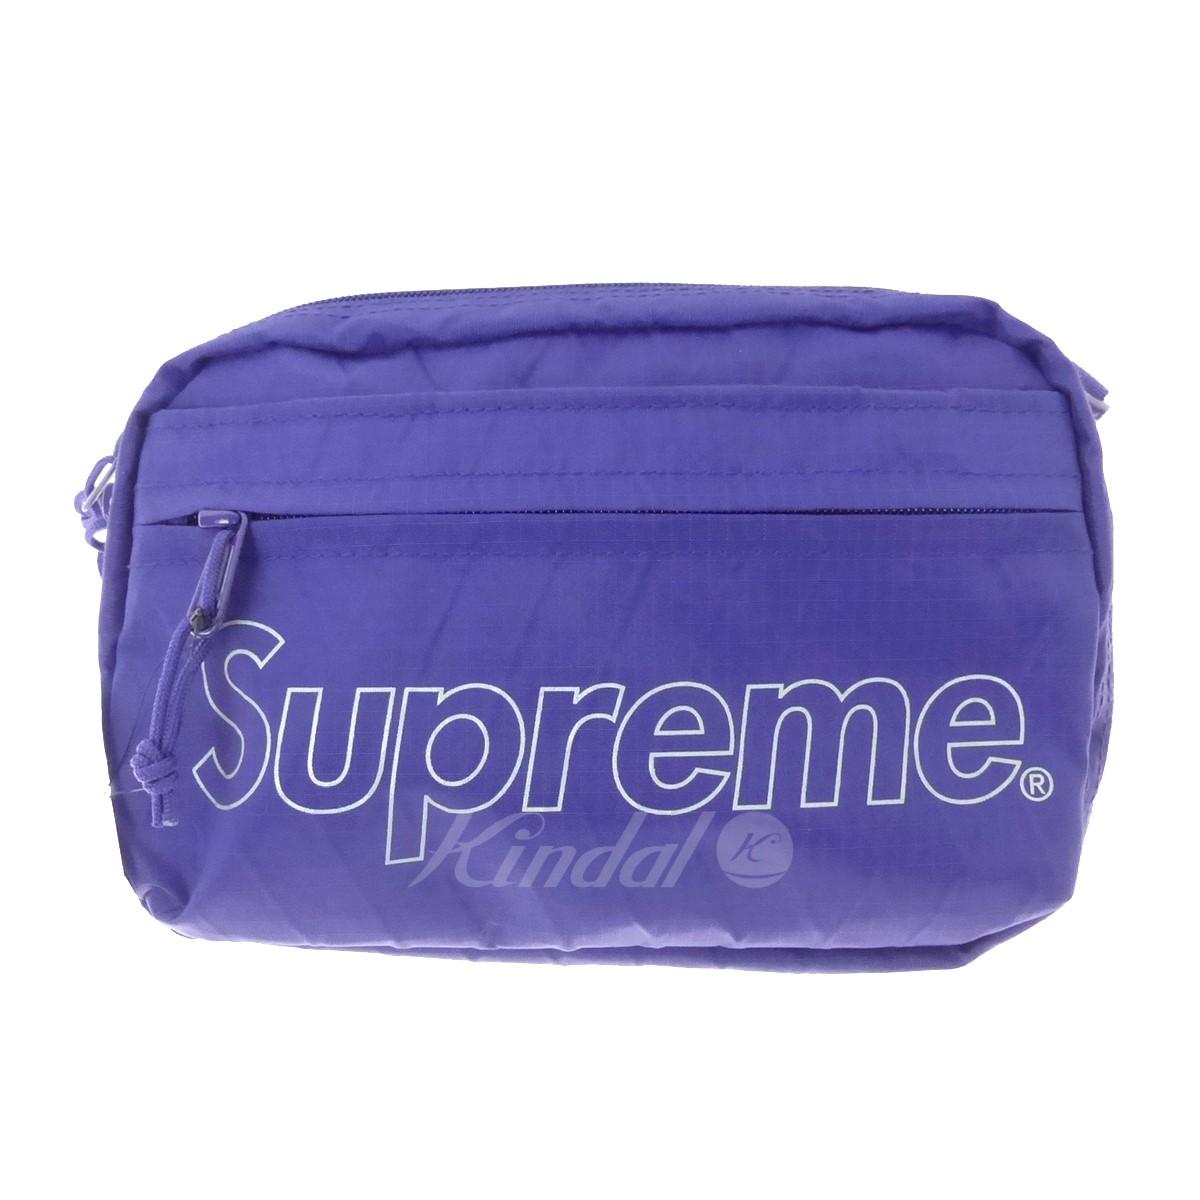 【中古】SUPREME ショルダーバッグ Shoulder Bag 2018A/W パープル サイズ:- 【送料無料】 【191018】(シュプリーム)